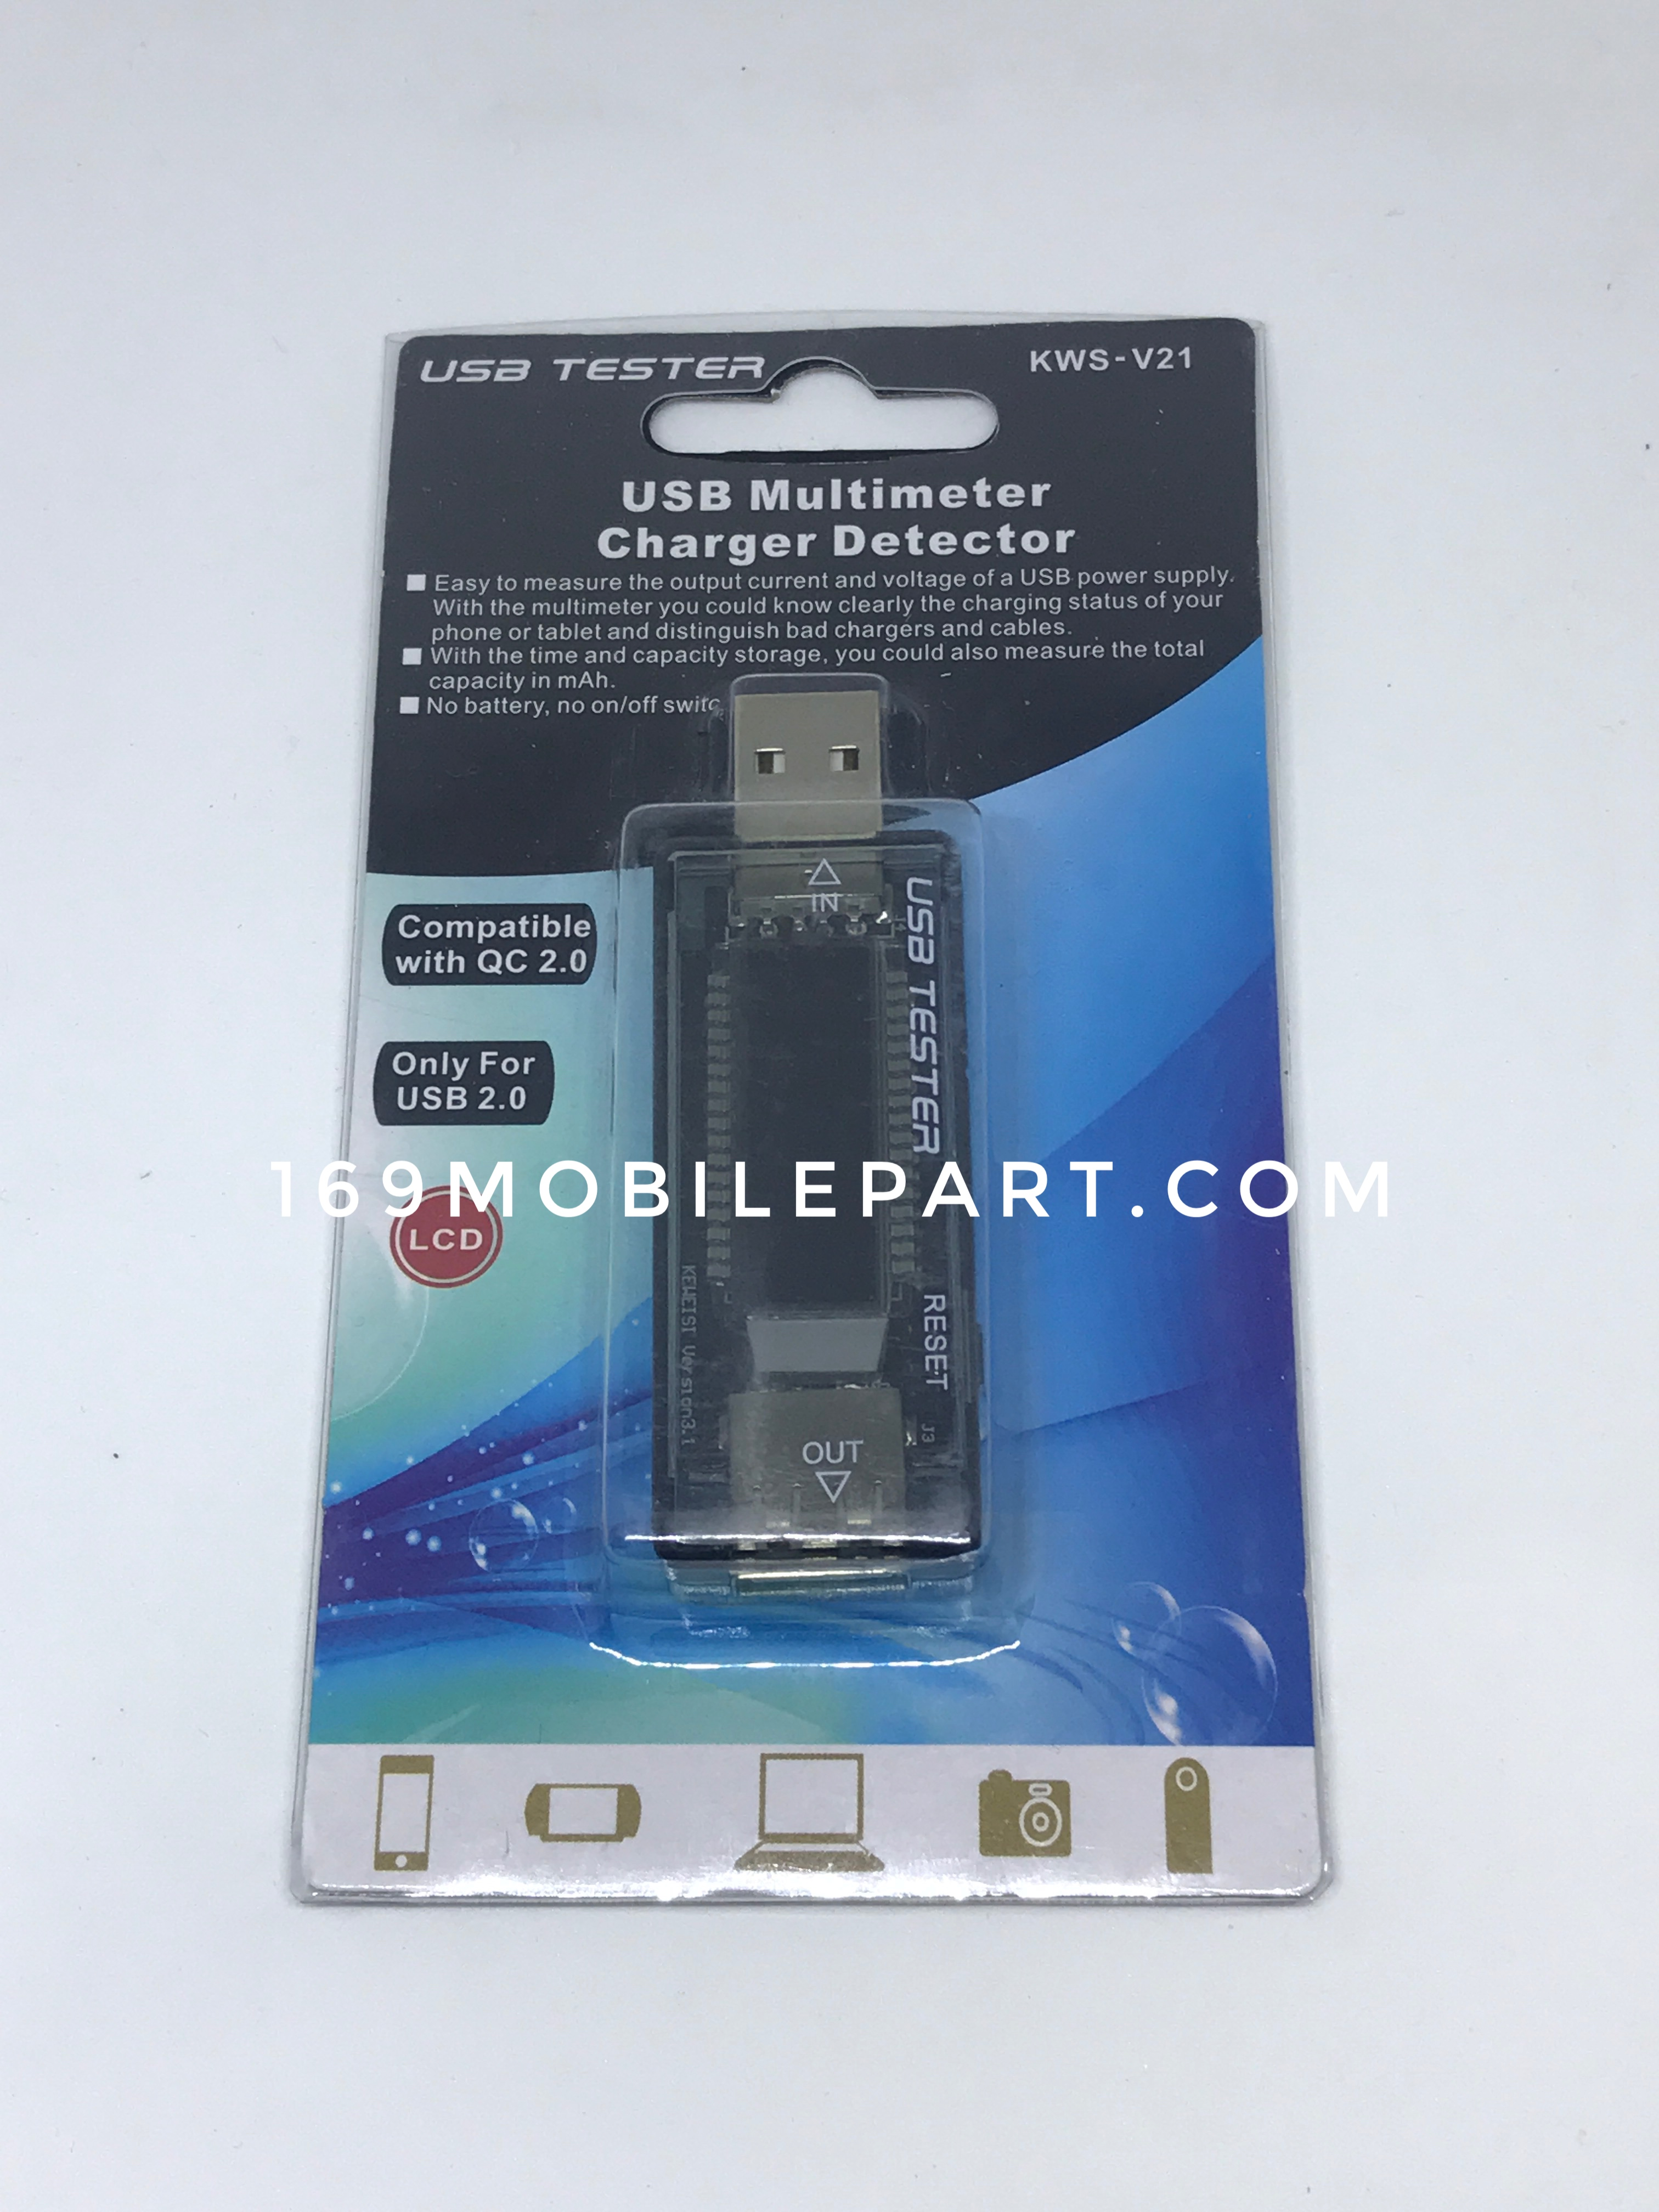 มิเตอร์เช็คสายชารจ์แท้ USB Multimeter tester